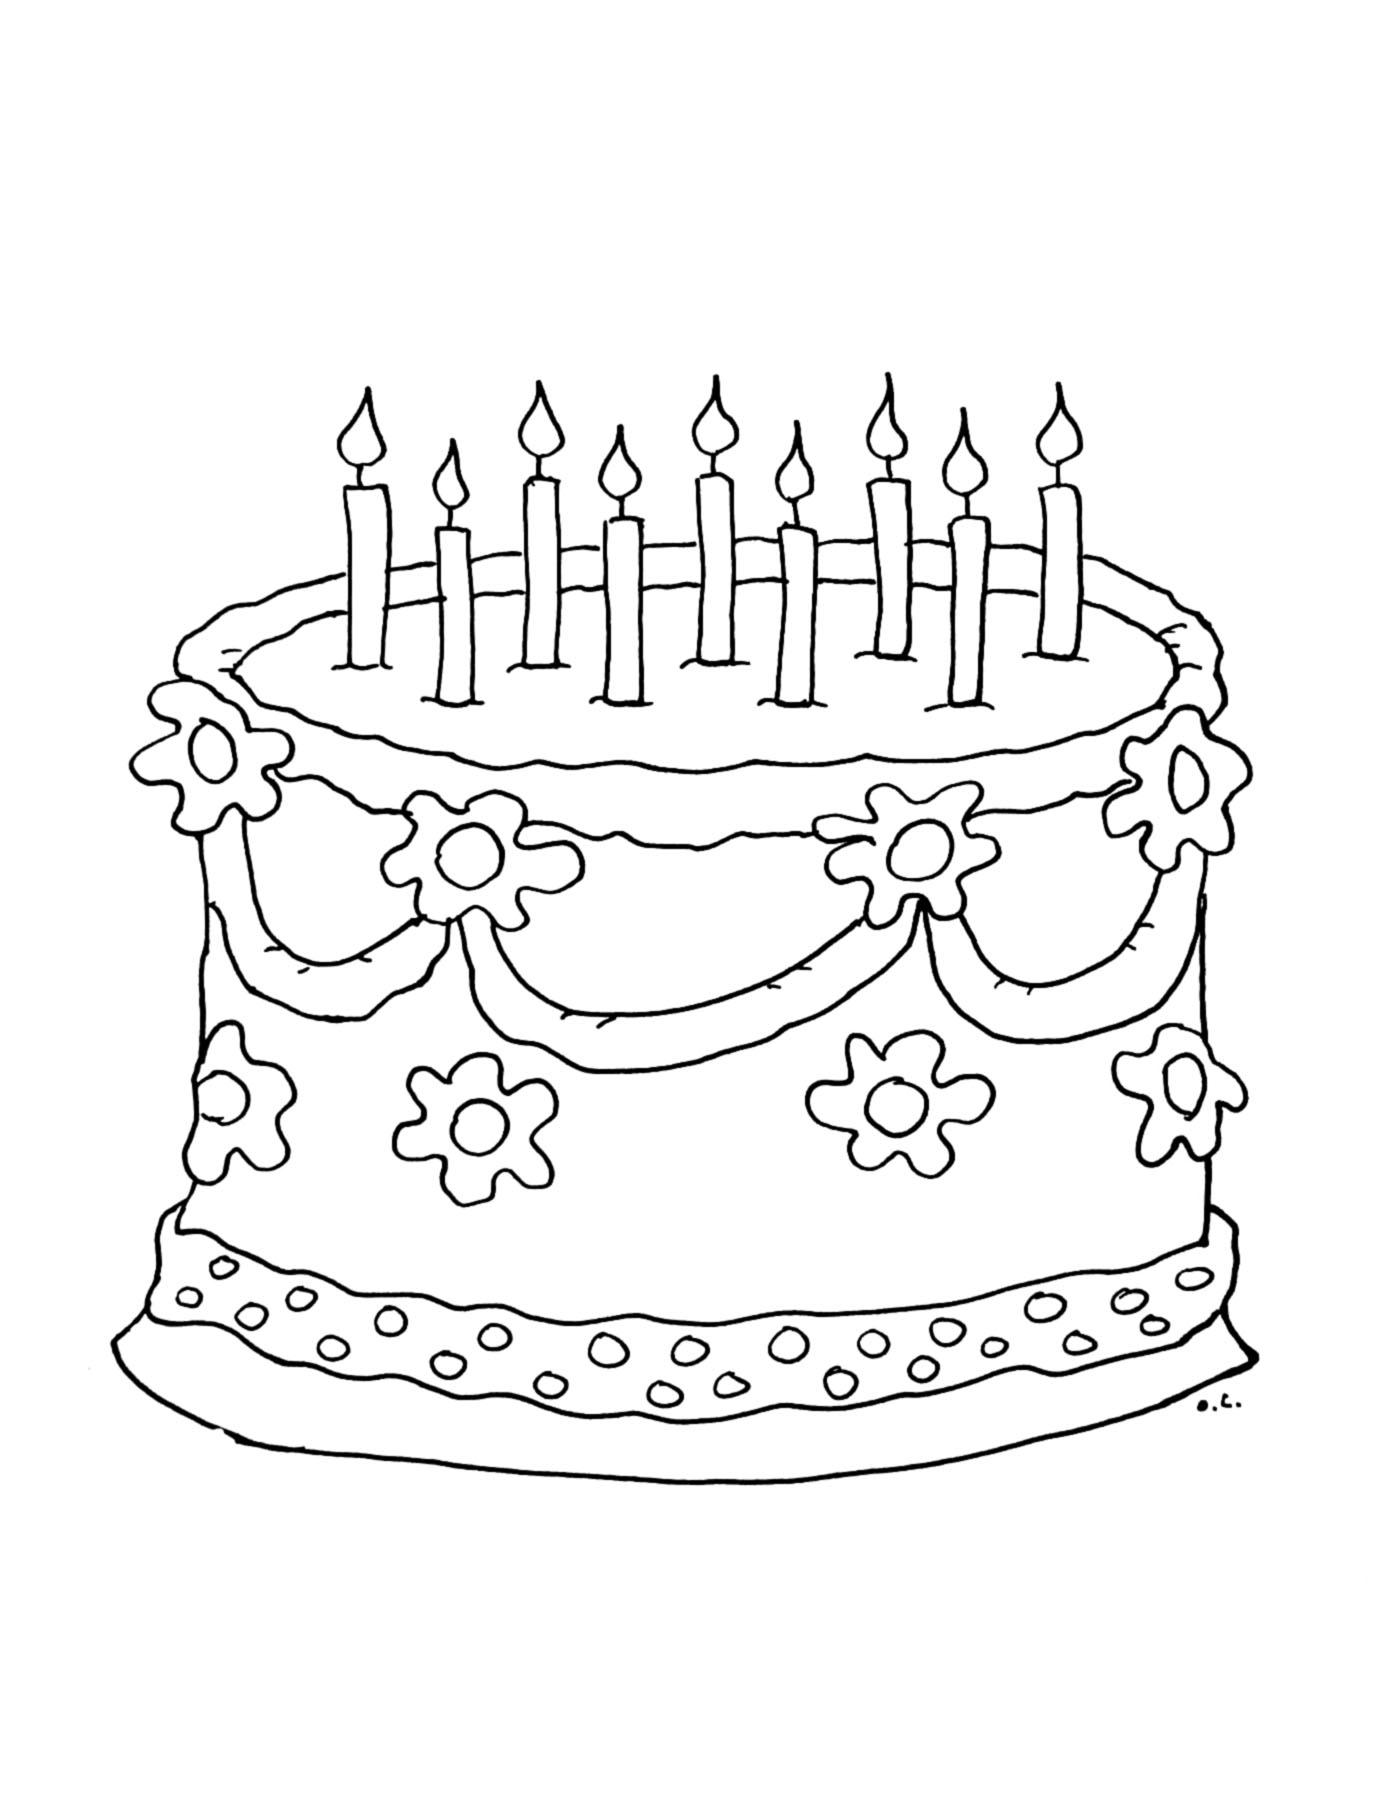 Coloriage g teau avec des bougies imprimer - Dessin de bougies ...